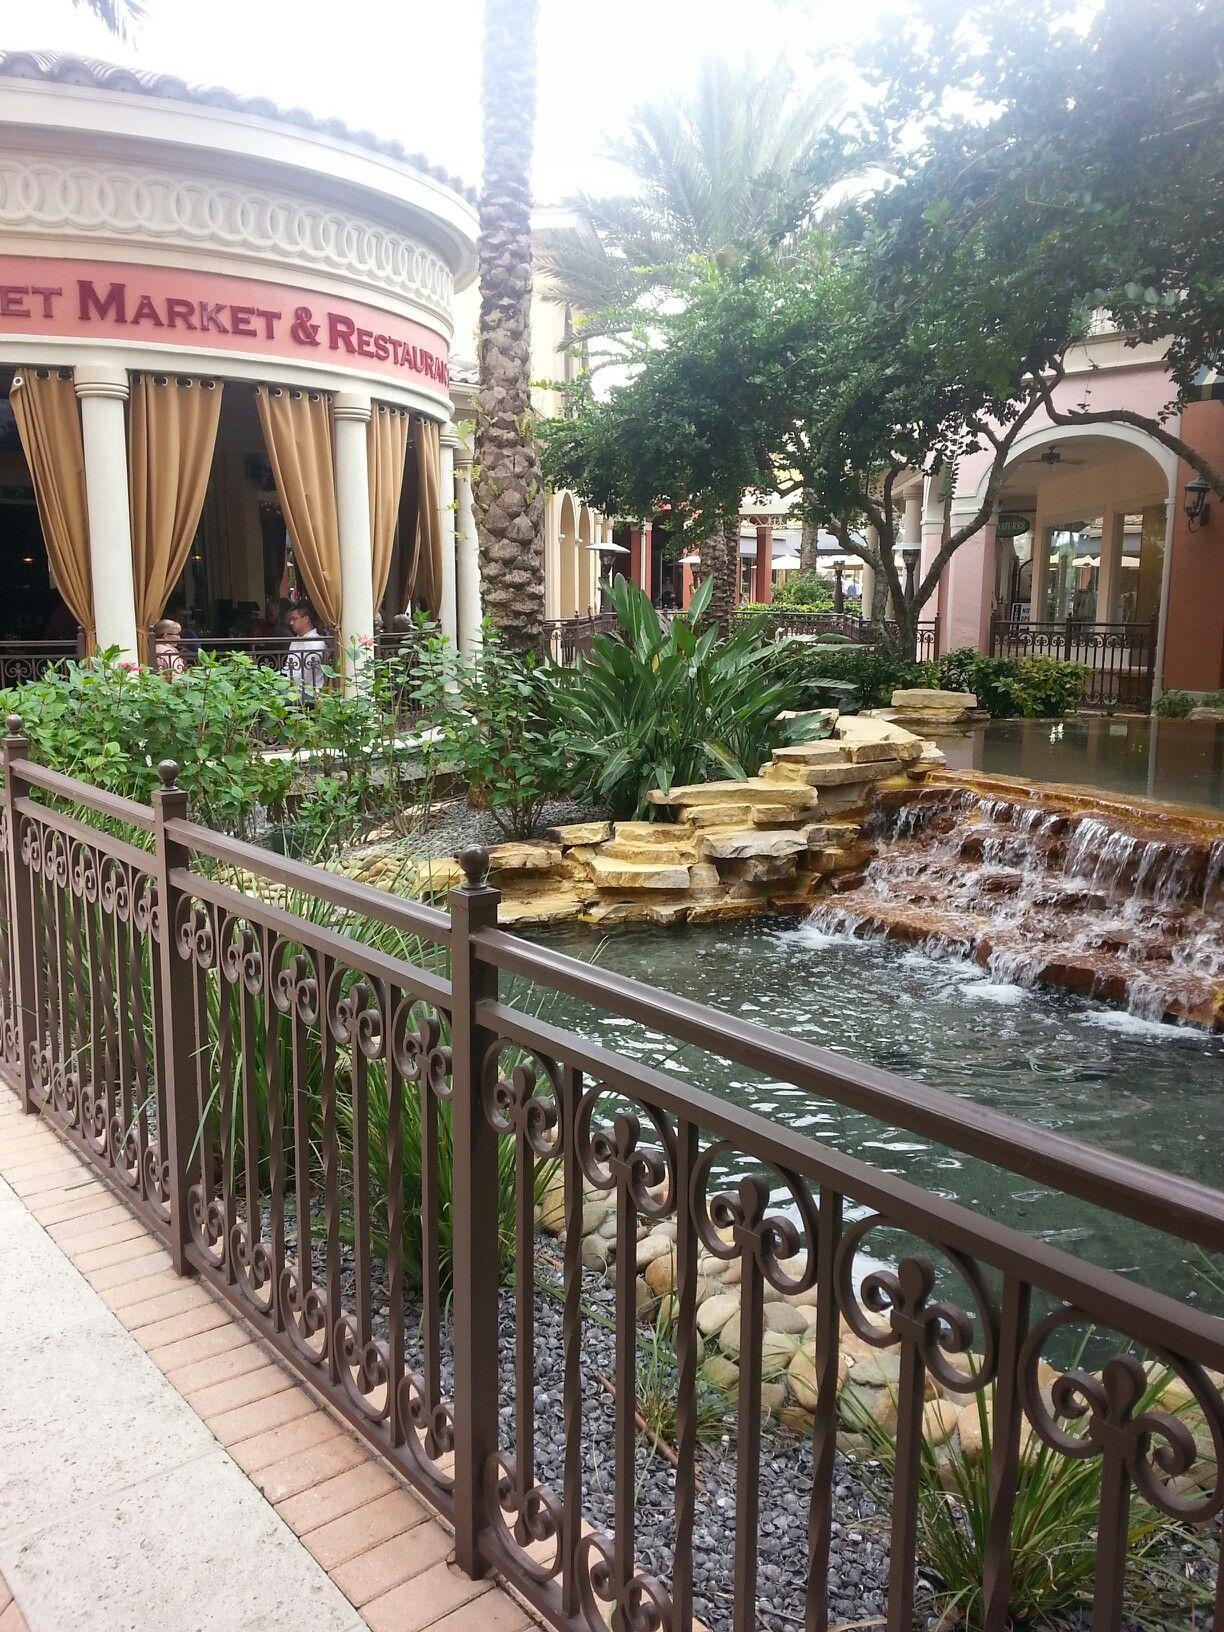 ad1db11cda45d1eb543a671a8d85e502 - Promenade Shopping Center Palm Beach Gardens Fl